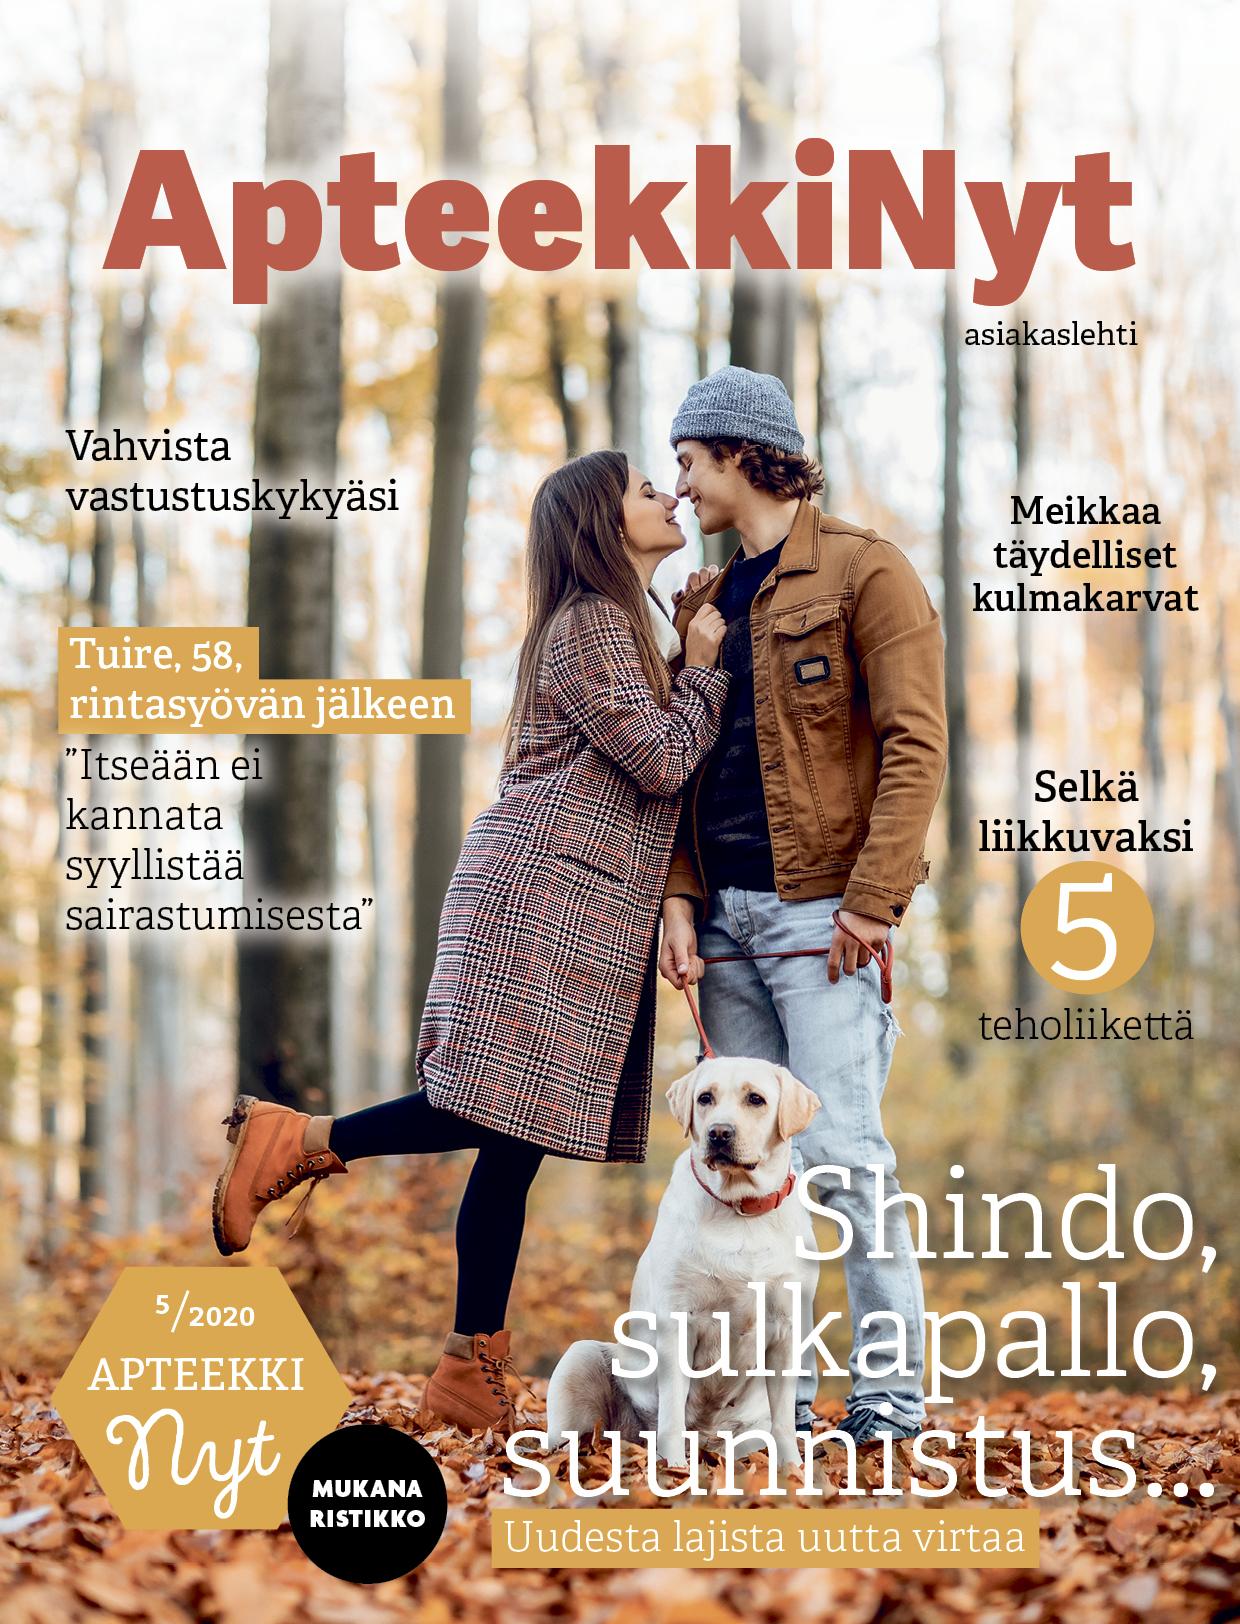 ApteekkiNyt_kansi_FI_5_2020